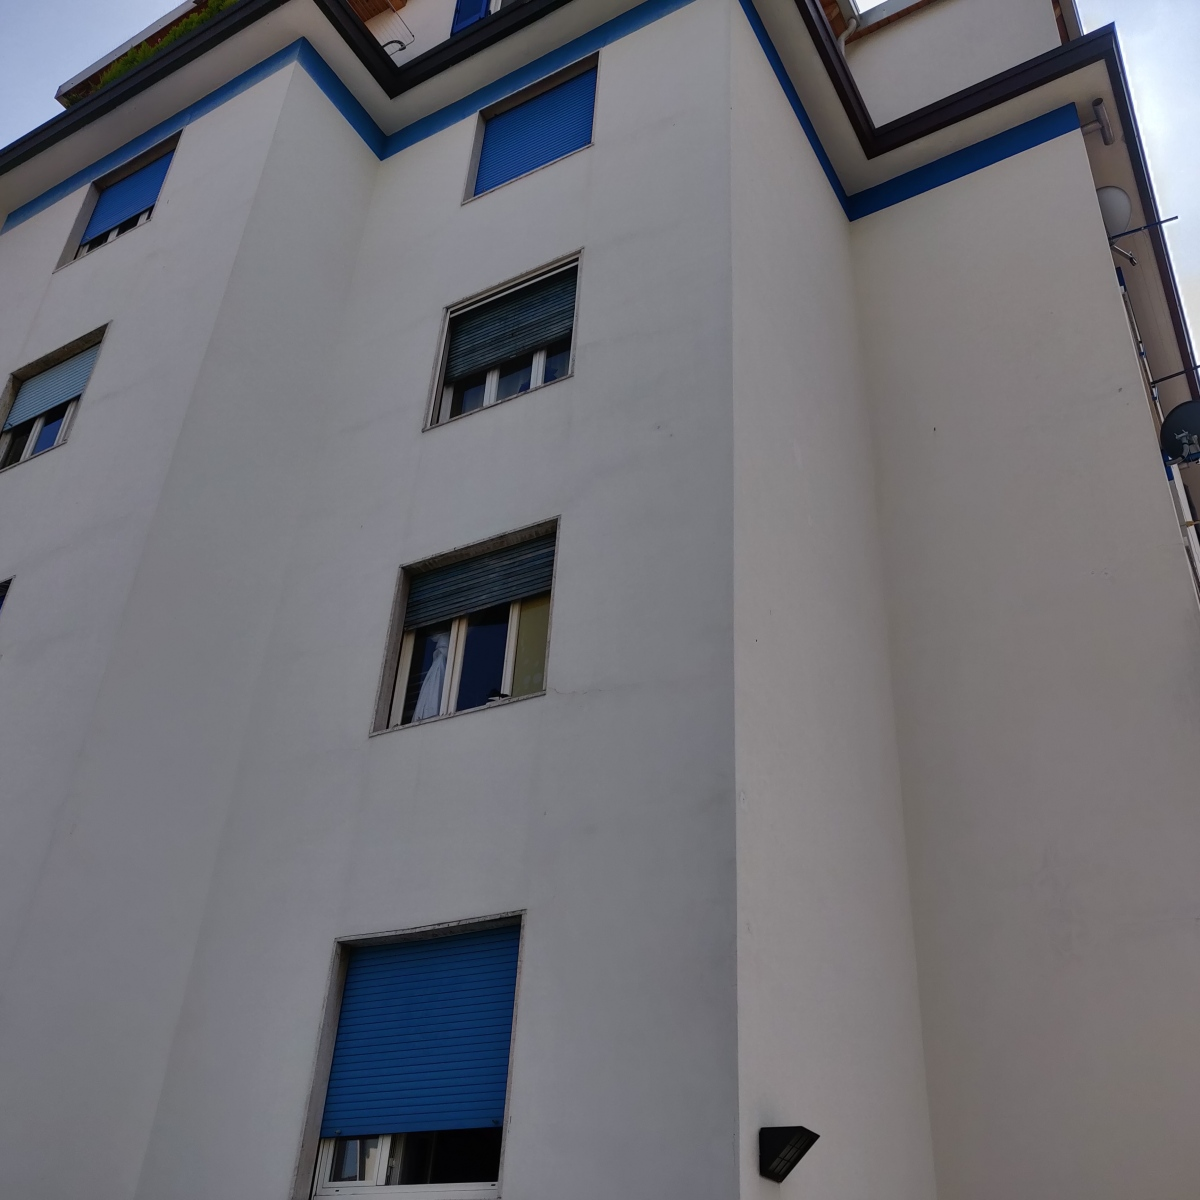 appartamento-in-vendita-via-bisi-milano-baggio-2-locali-bilocale-spaziourbano-immobiliare-vende-16